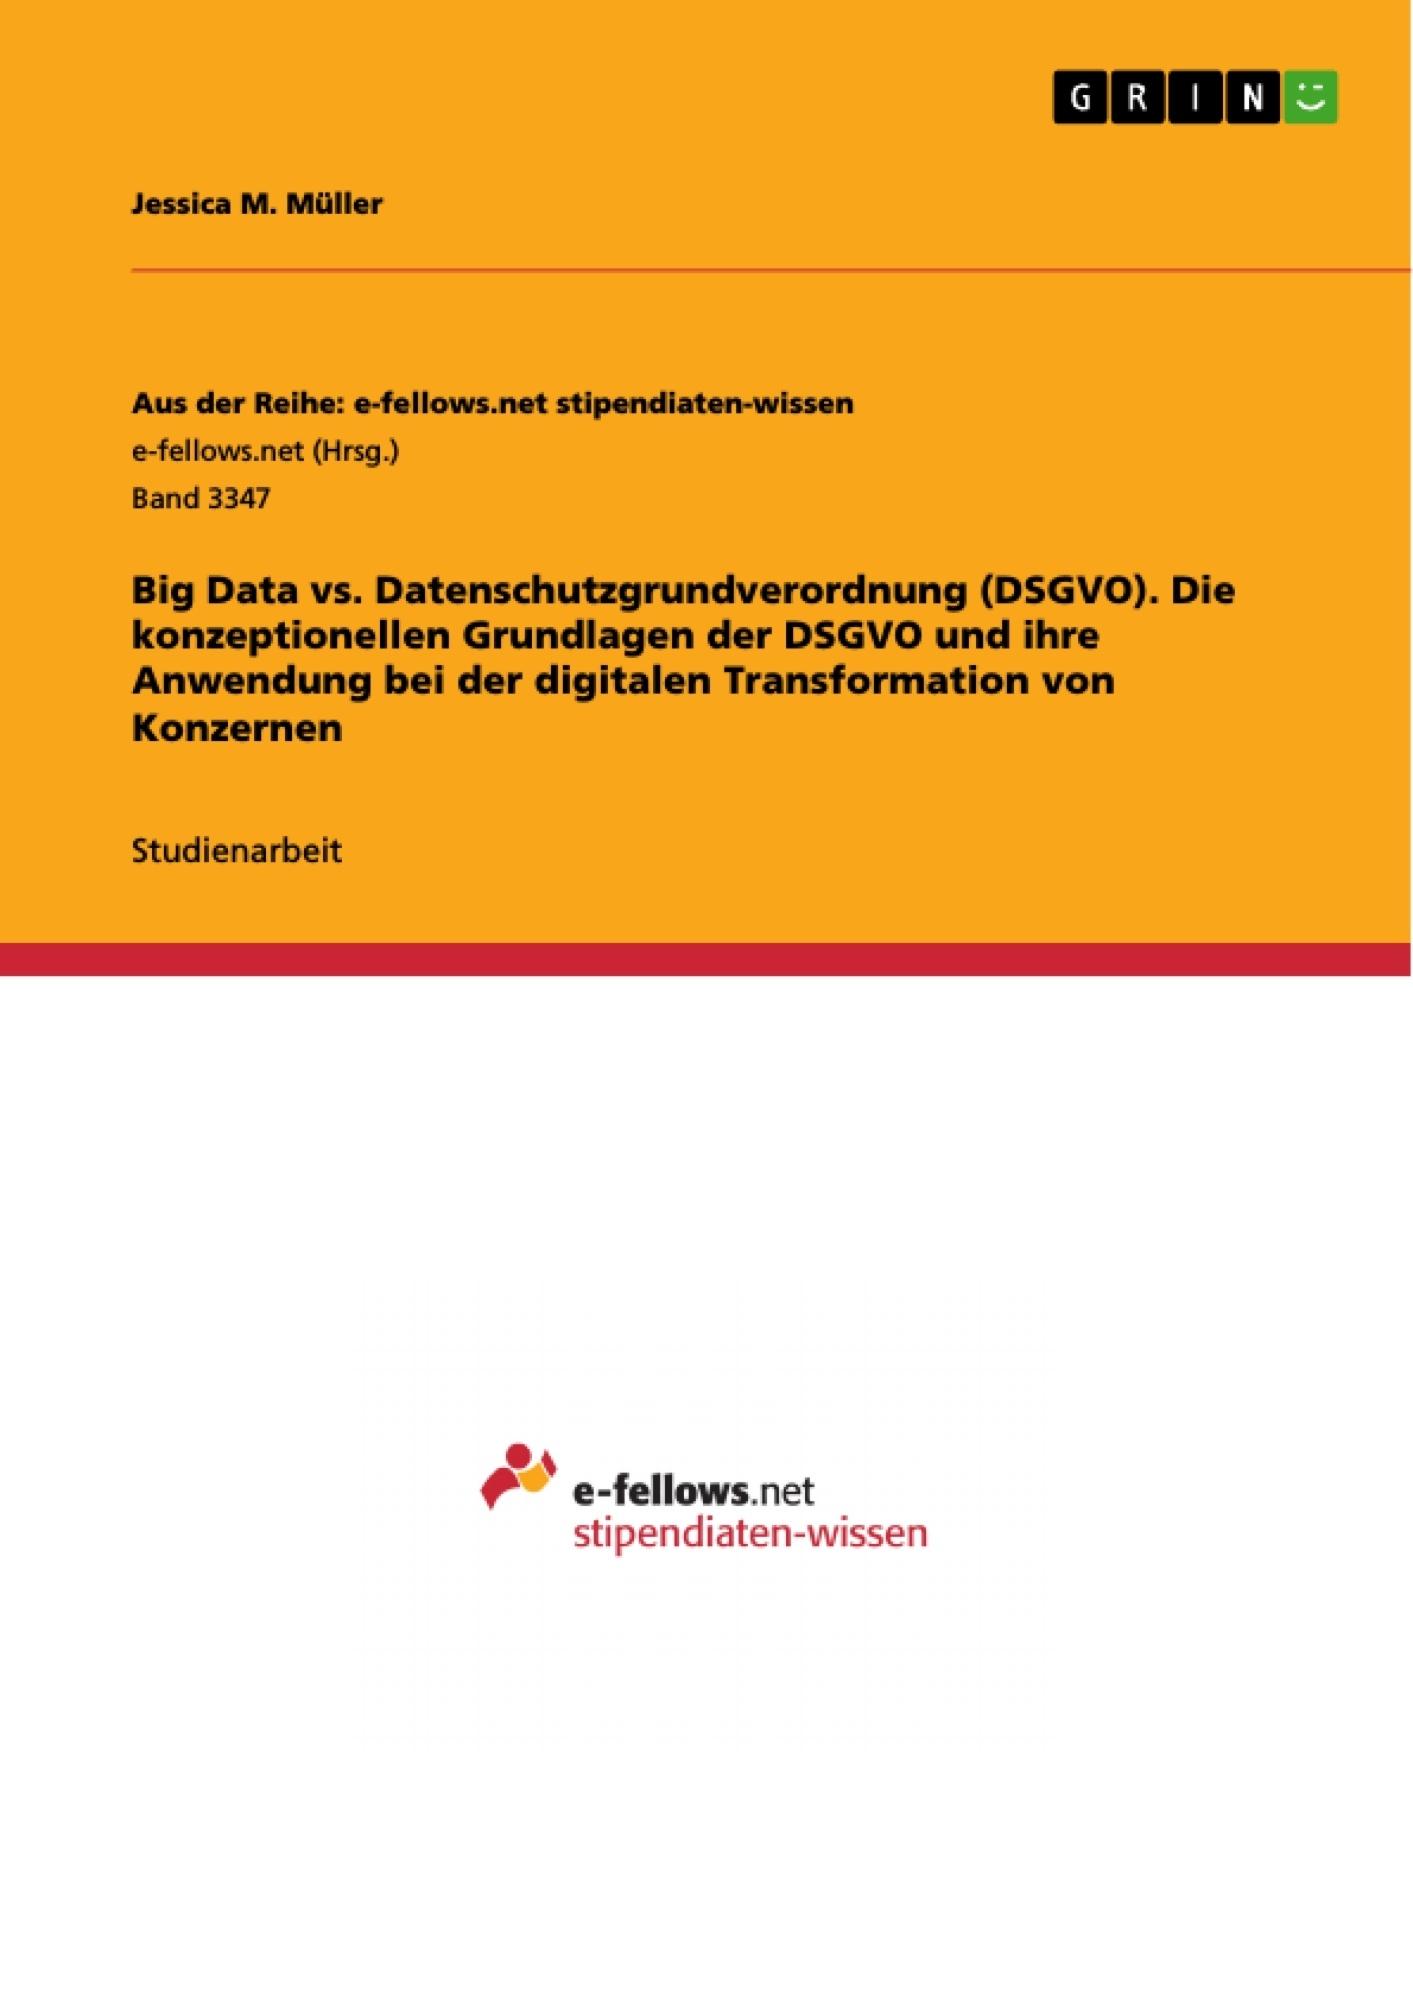 Titel: Big Data vs. Datenschutzgrundverordnung (DSGVO). Die konzeptionellen Grundlagen der DSGVO und ihre Anwendung bei der digitalen Transformation von Konzernen